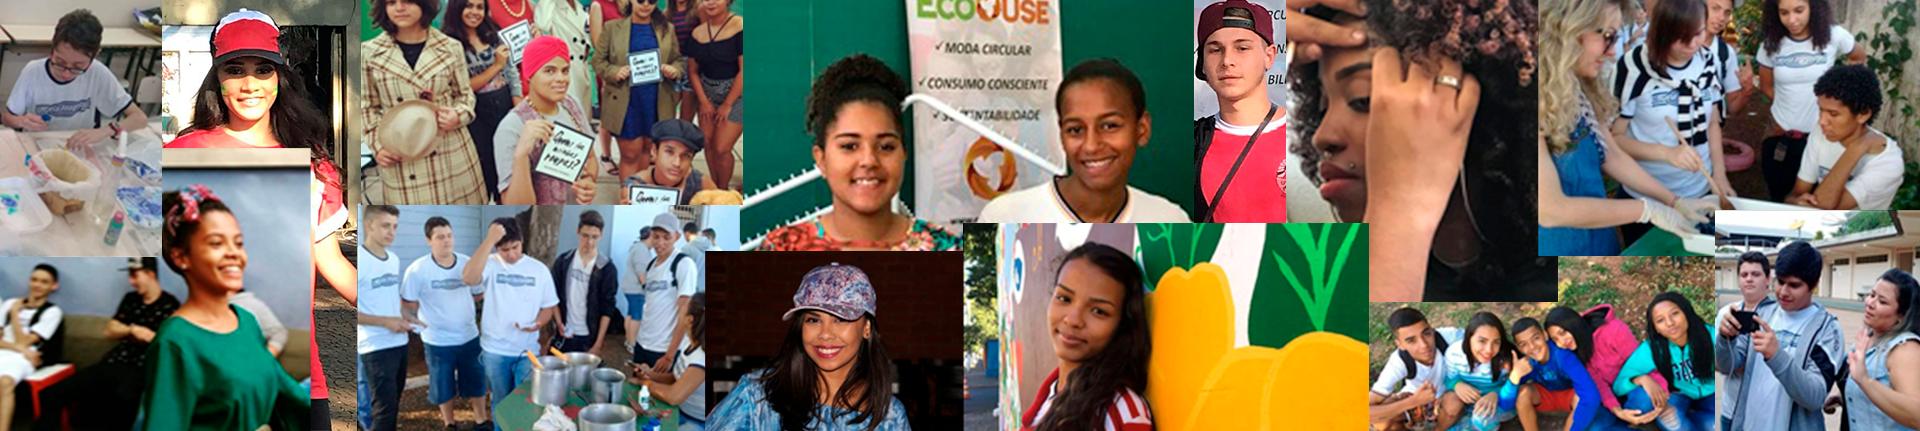 Projeto EcoOuse